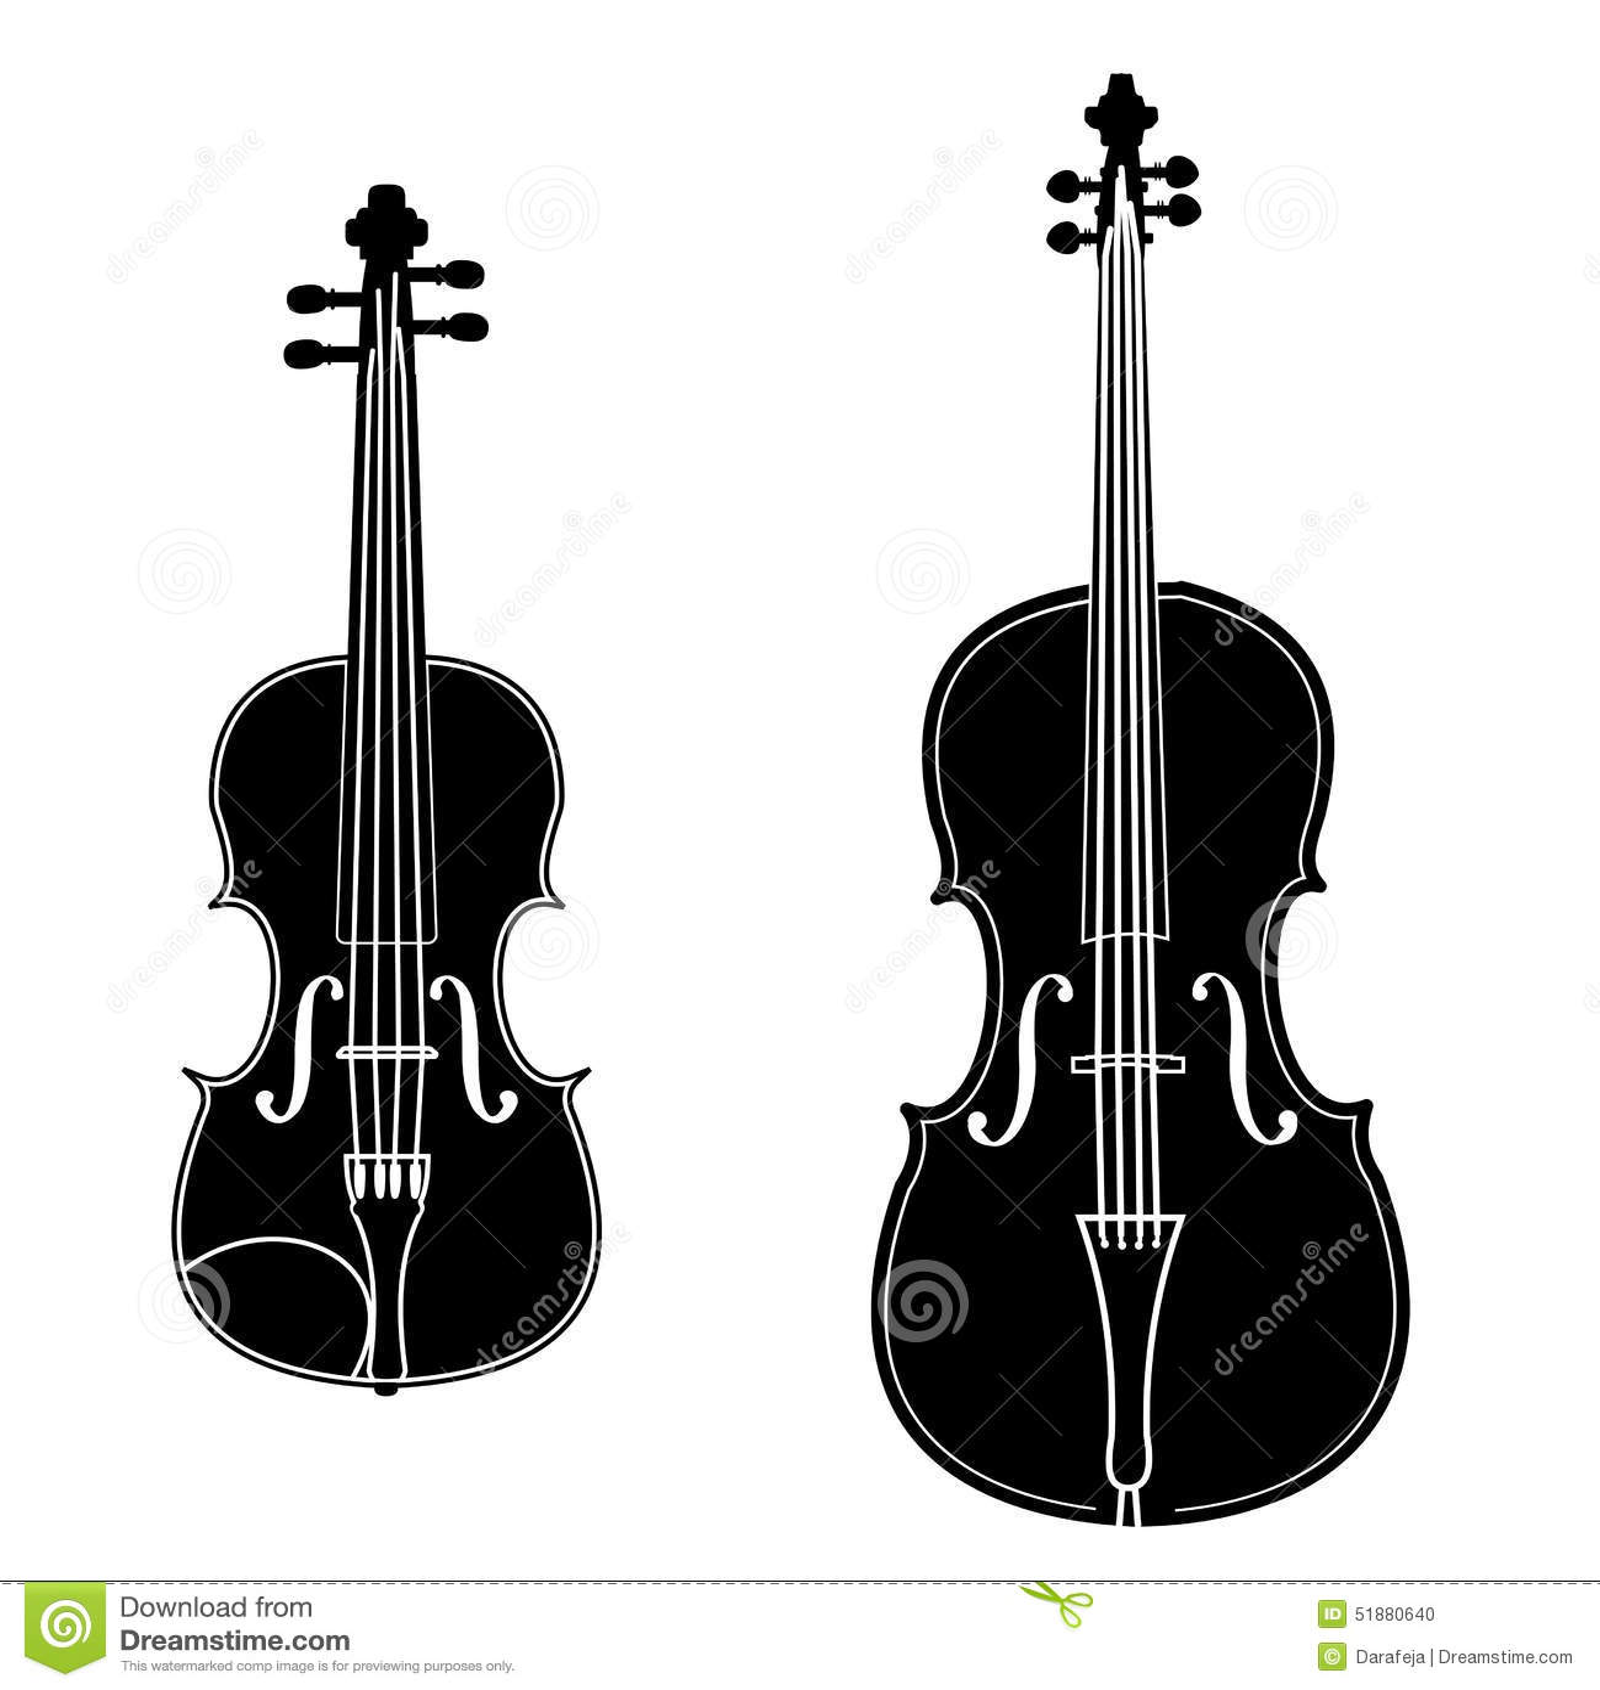 Cello cartoon cello player stock photography image 32561422 - Violin And Cello Stock Photo